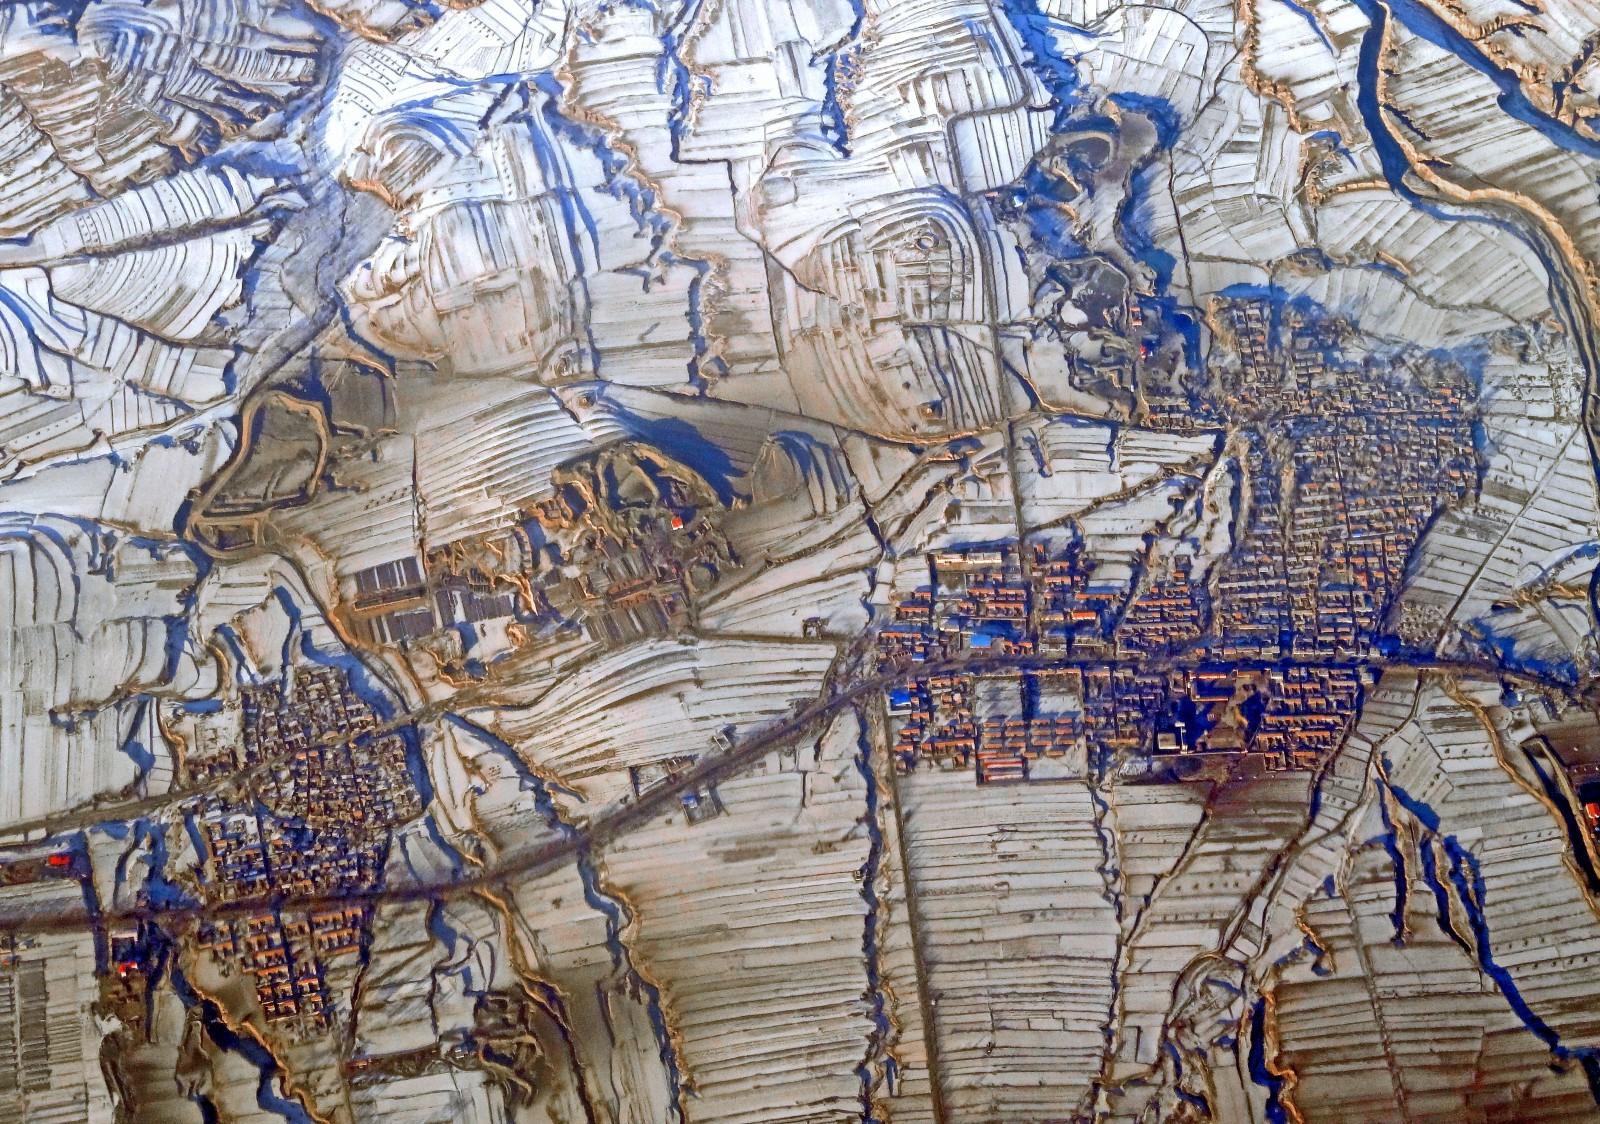 Vue d'avion d'un village chinois au nord-ouest de Pékin: Chaque territoire est modelé et aménagé à l'image de la culture des populations qui l'habitent.